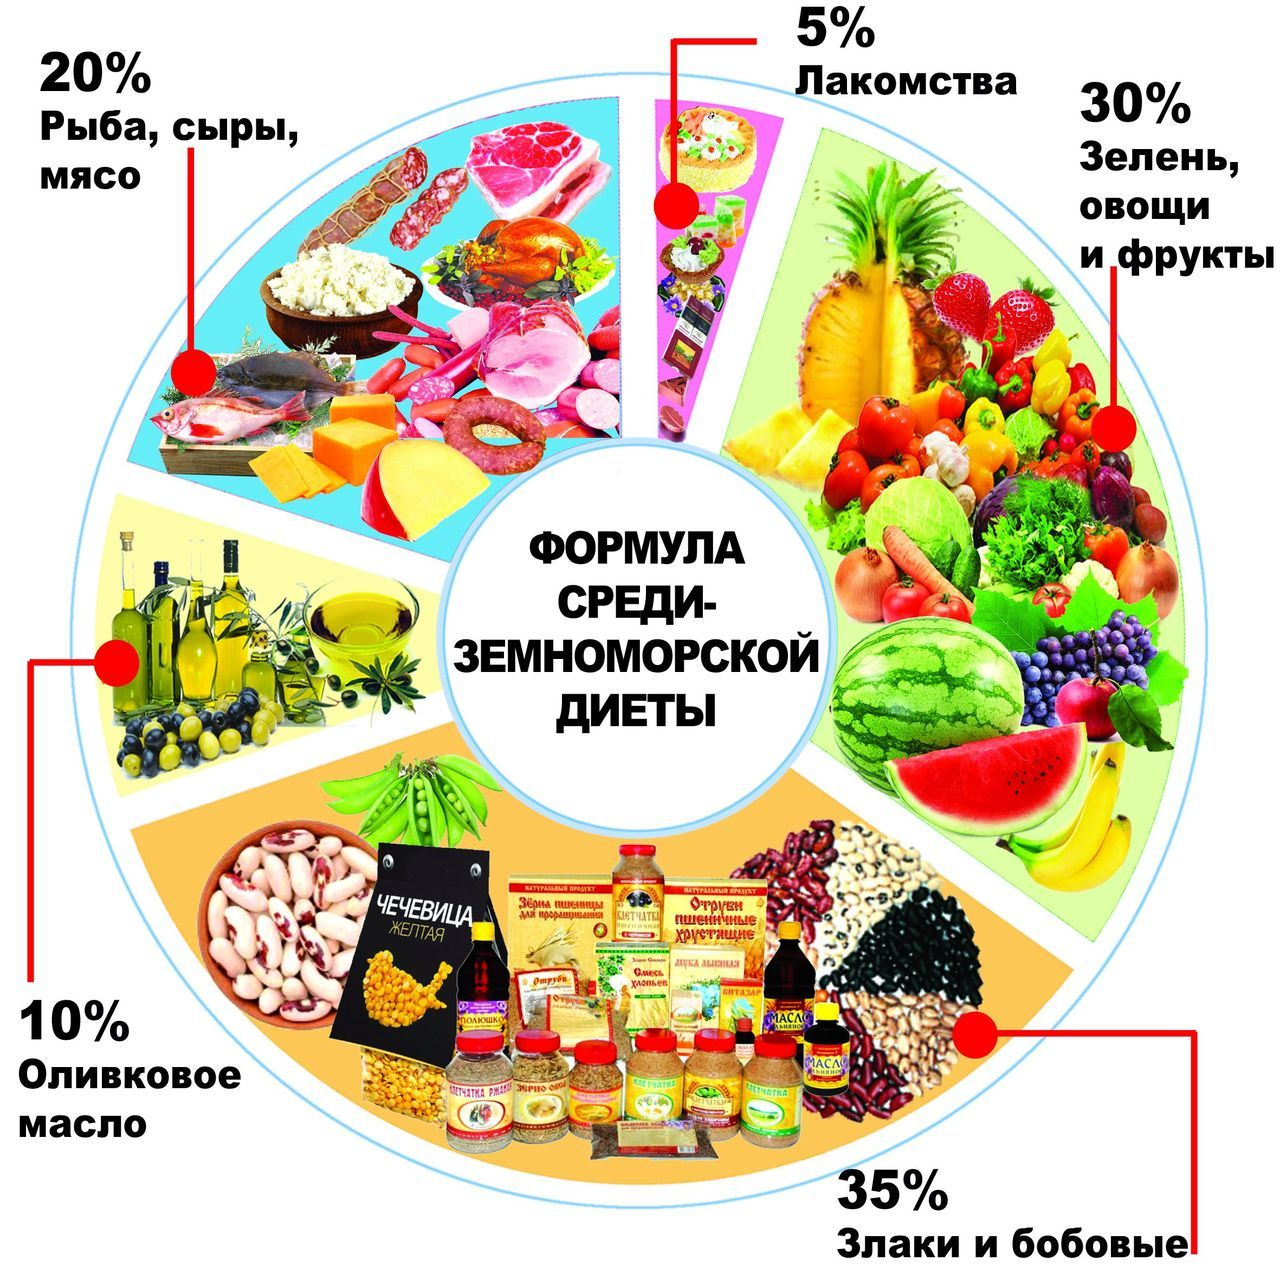 средиземноморская диета продукты